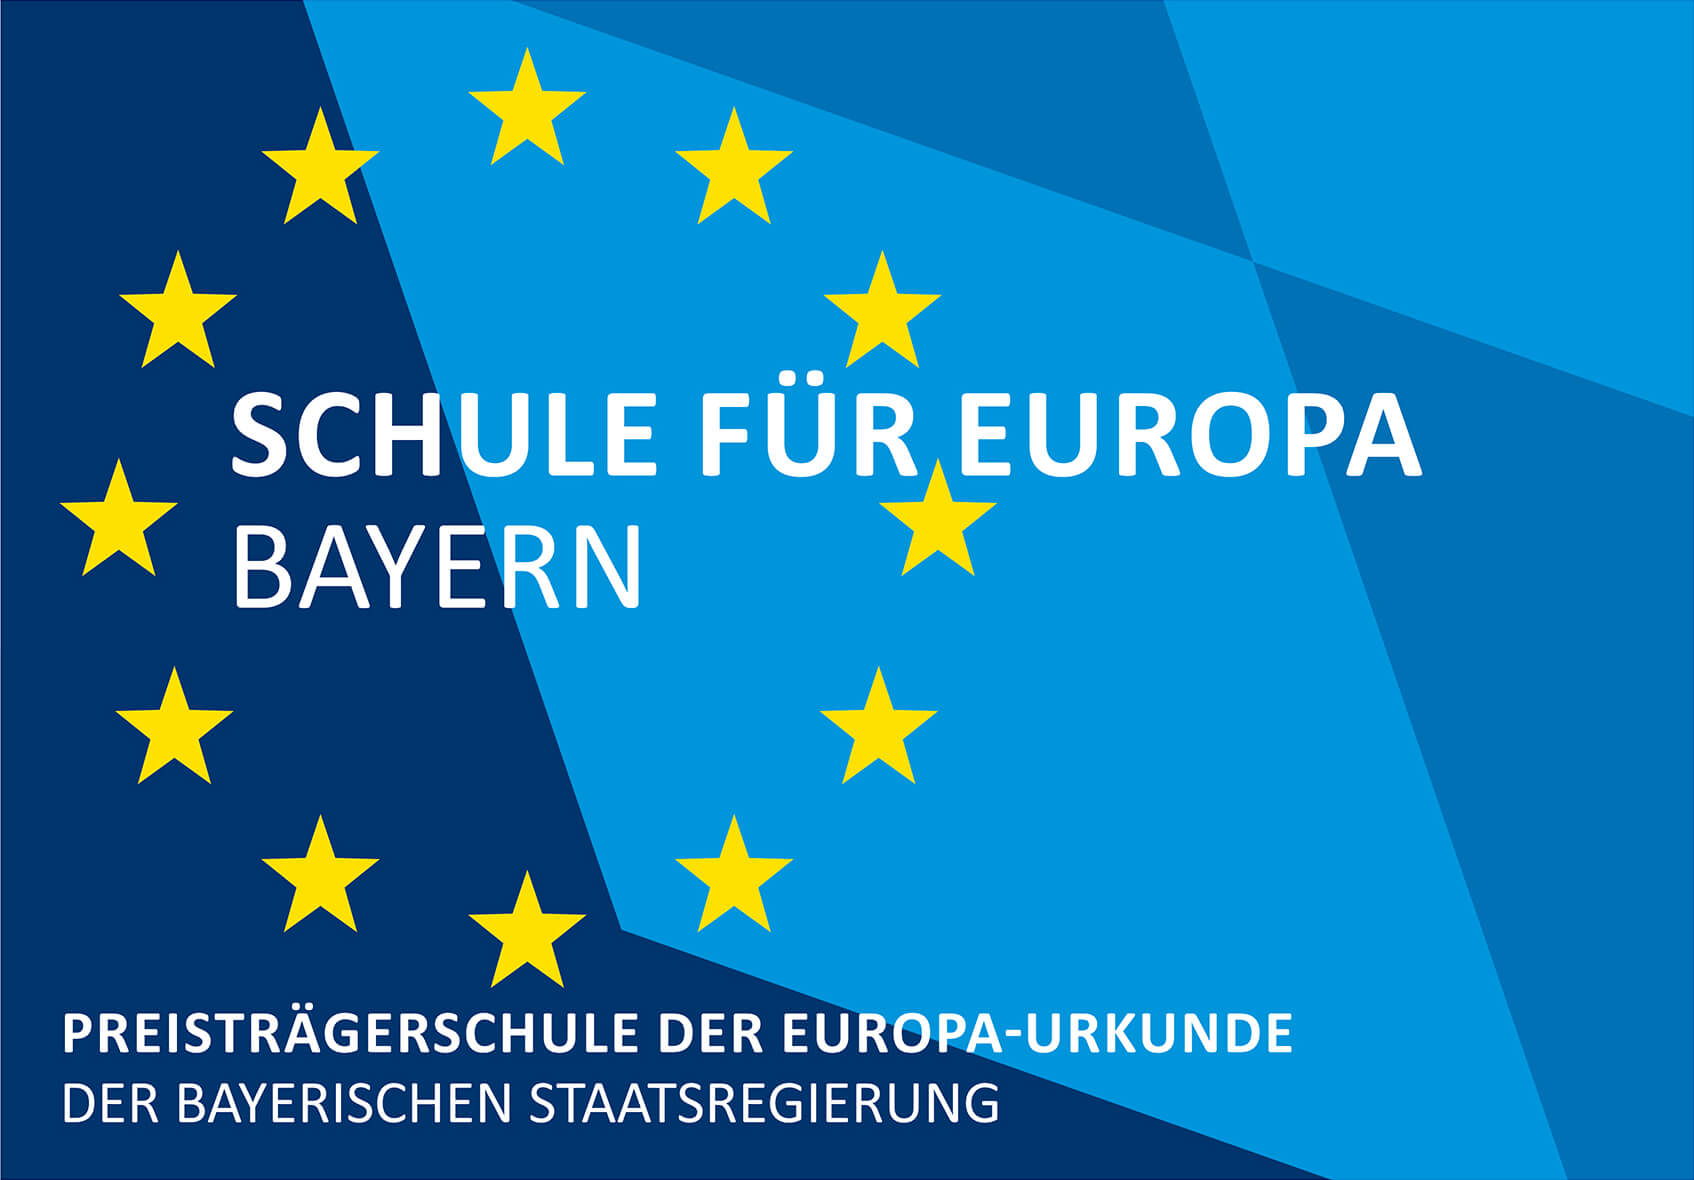 Europa-Urkunde